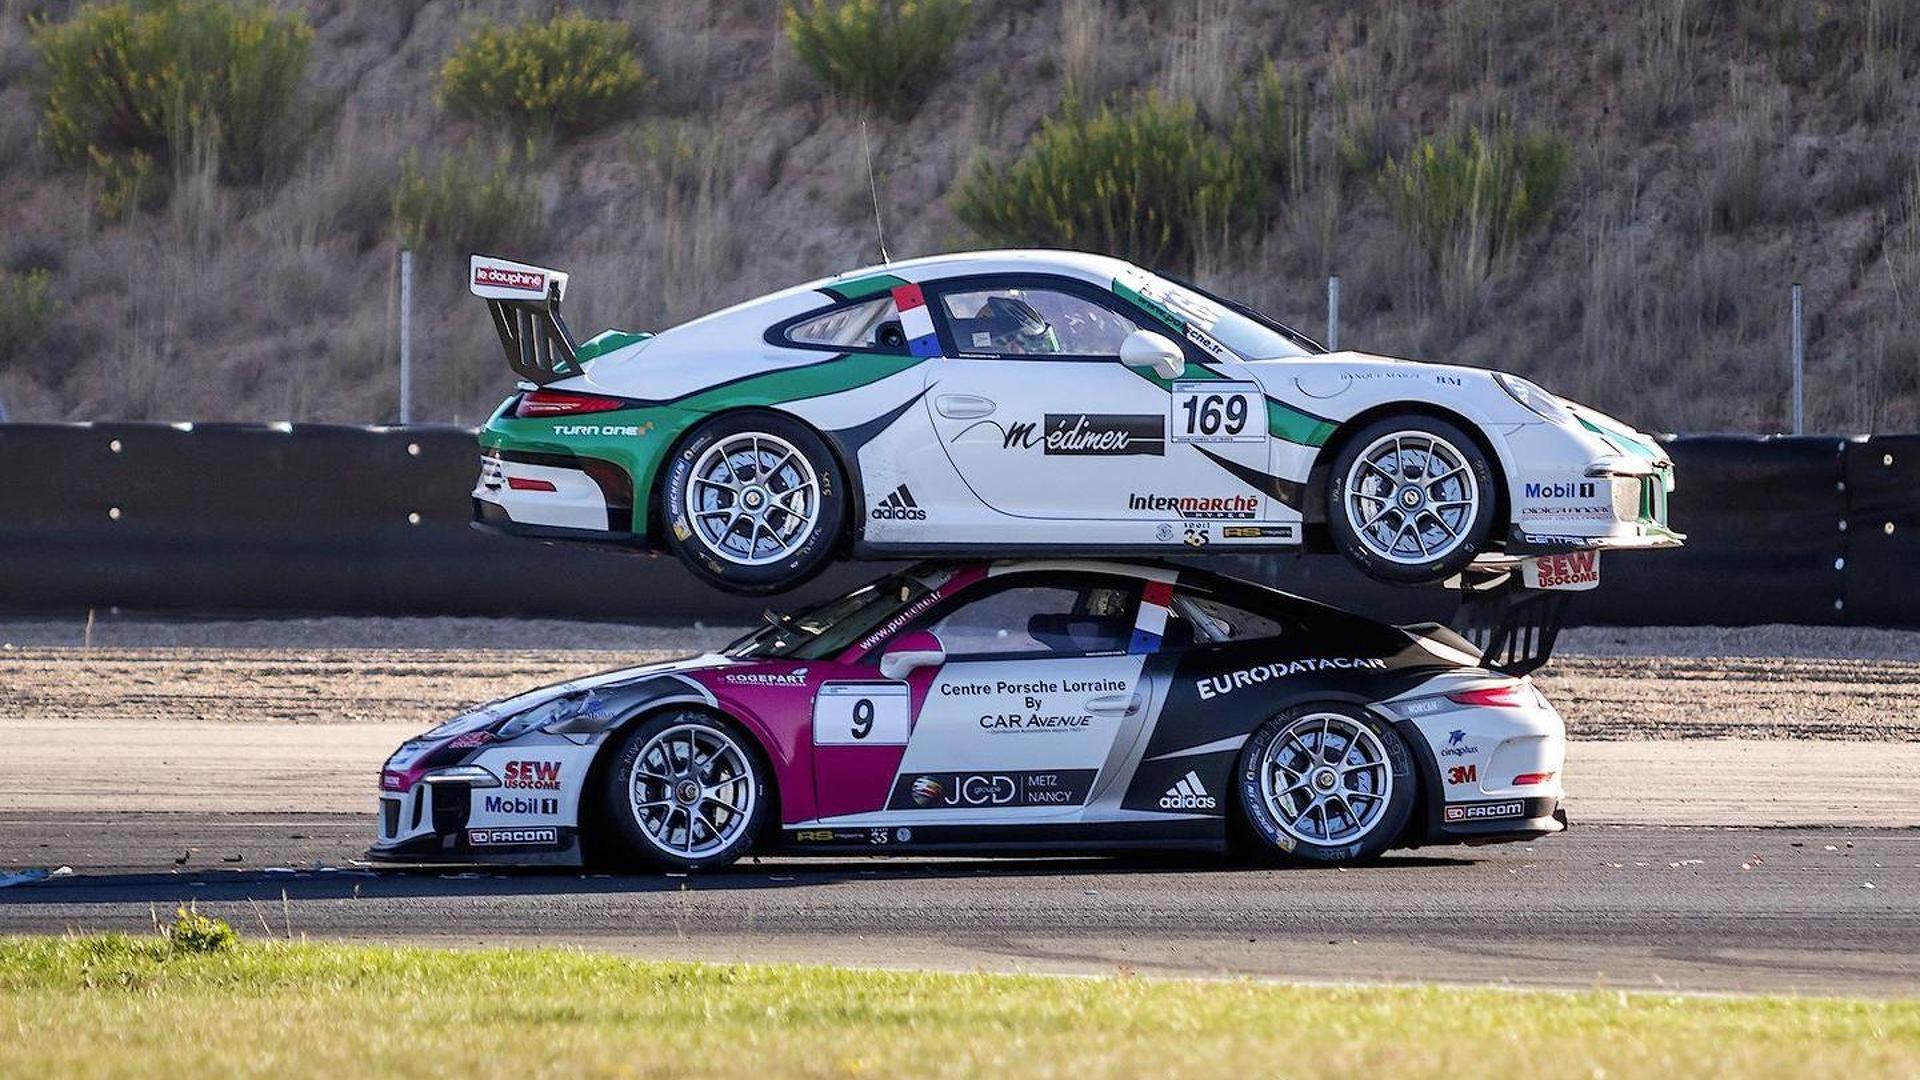 Porsche Gt Racing Sports Cars on porsche 962 road car, 2014 gt3 race cars, porsche wallpapers high resolution,